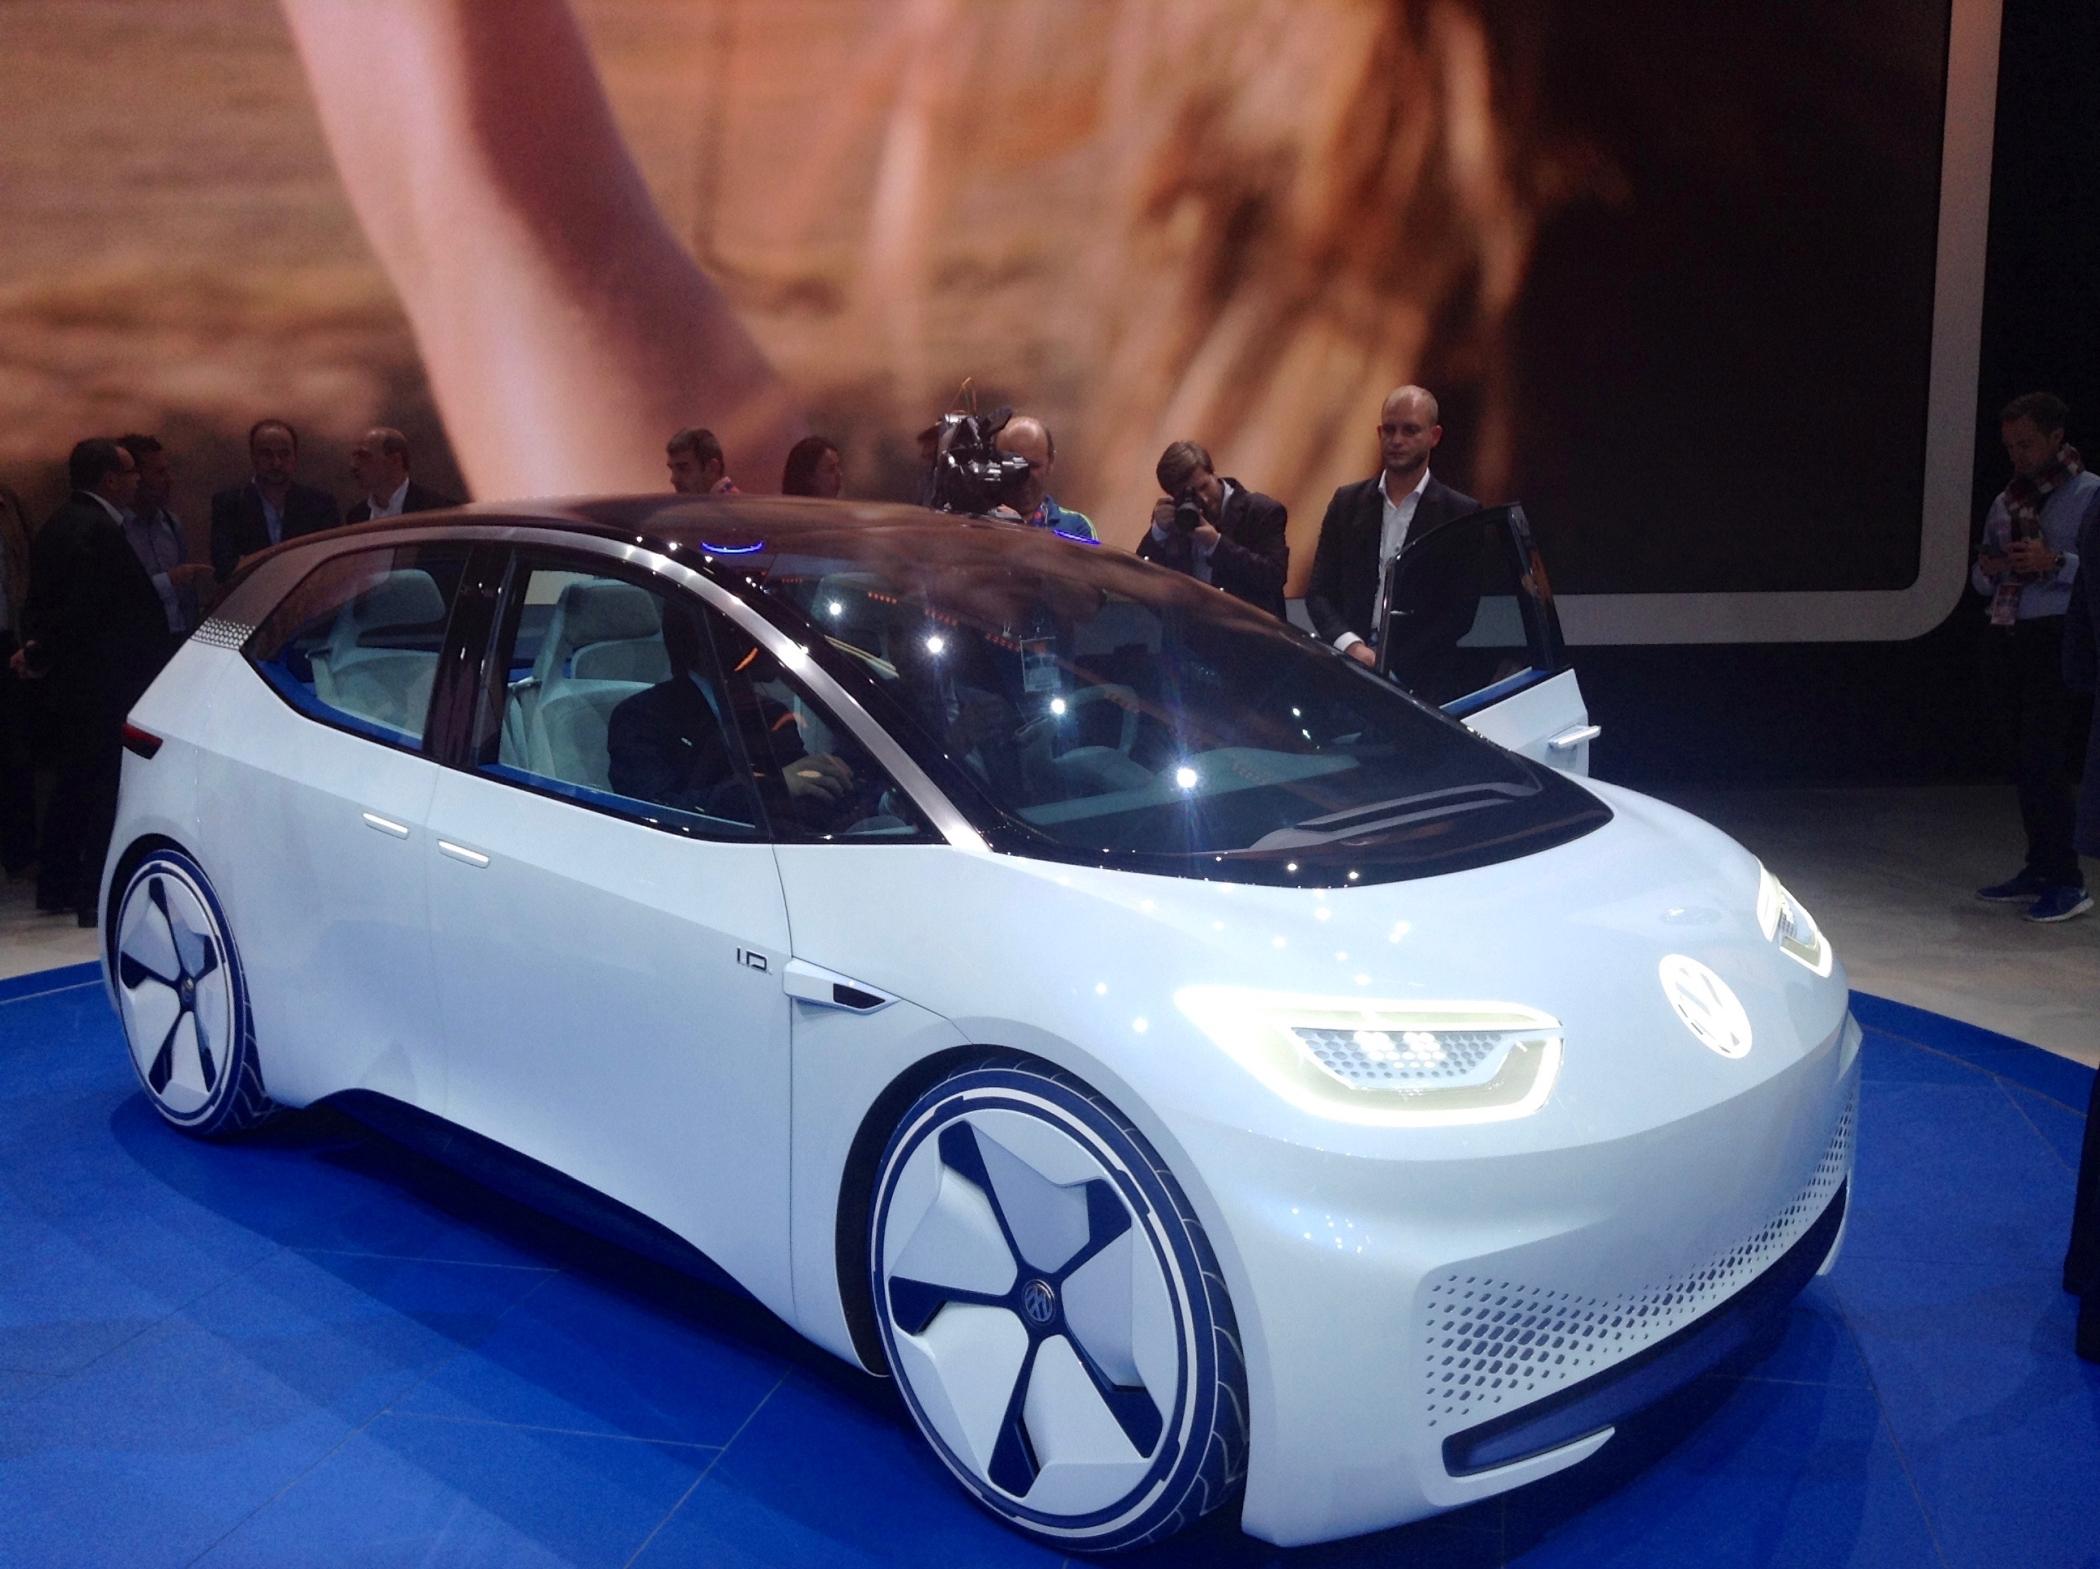 Executivo da montadora confirmou que o Volkswagen I.D. de produção será entre 7 e 8 mil mais barato que o concorrente, Tesla Model 3.